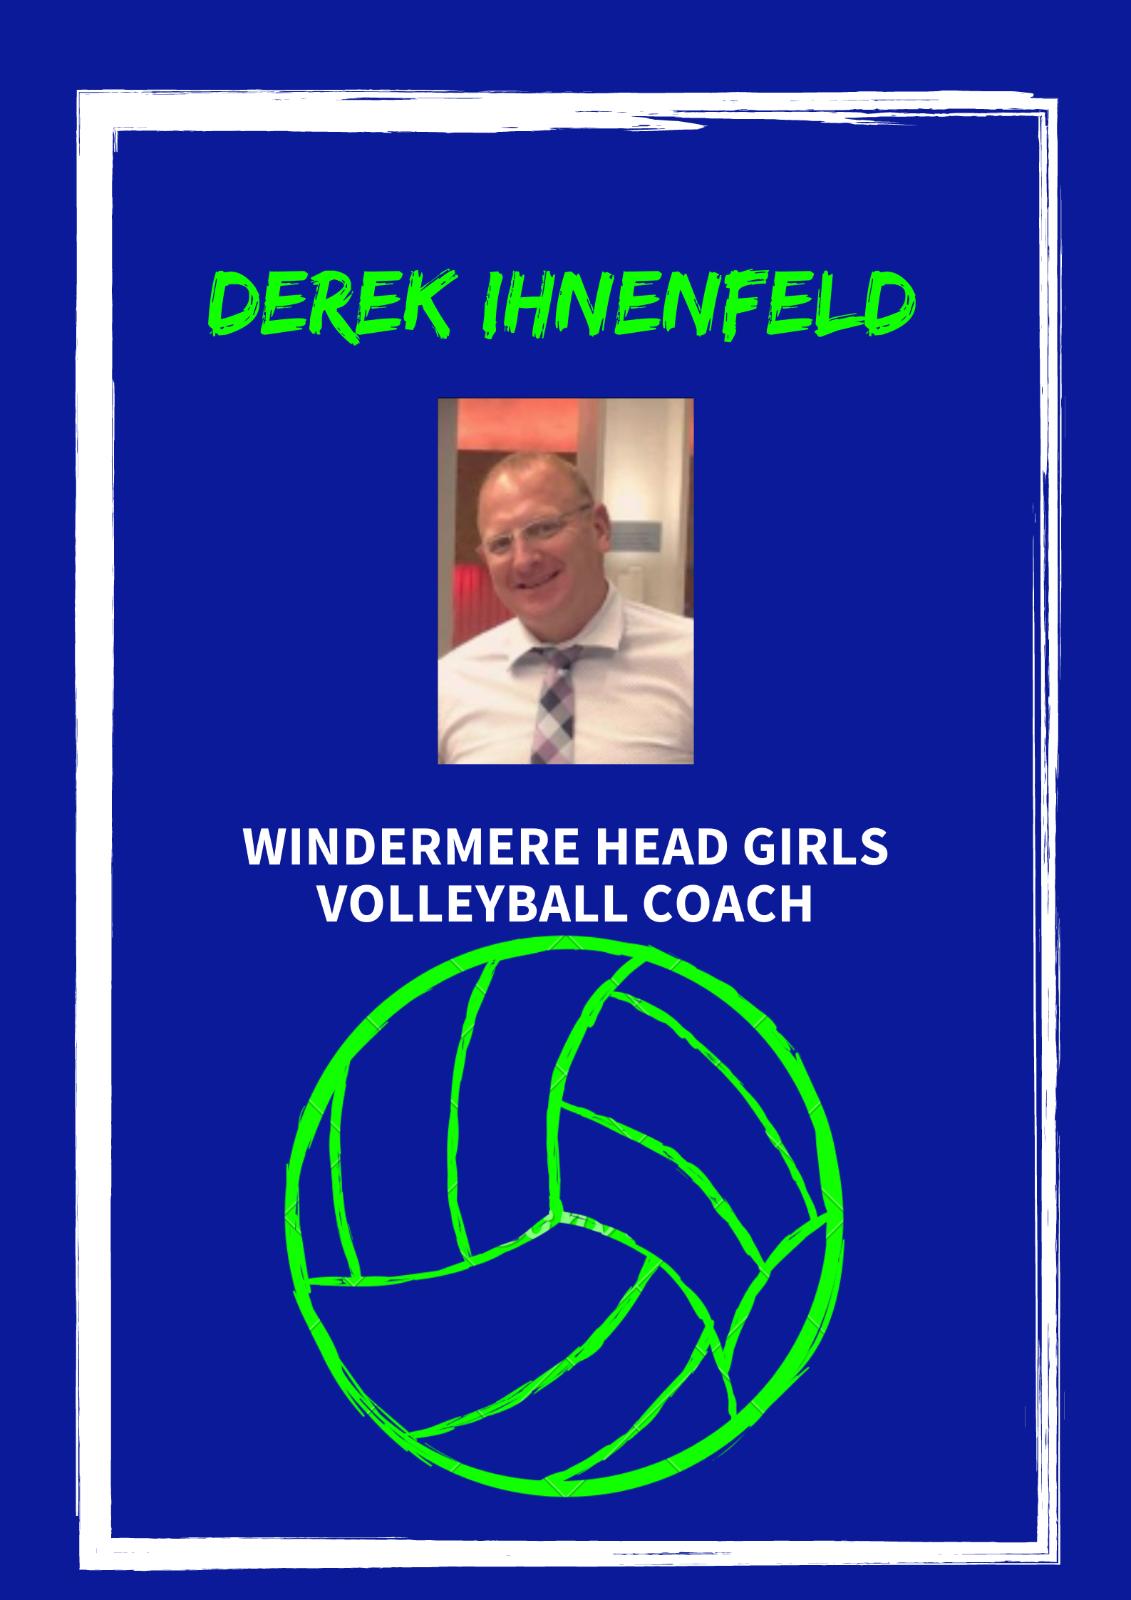 New Head Girls Volleyball Coach-Derek Ihnenfeld